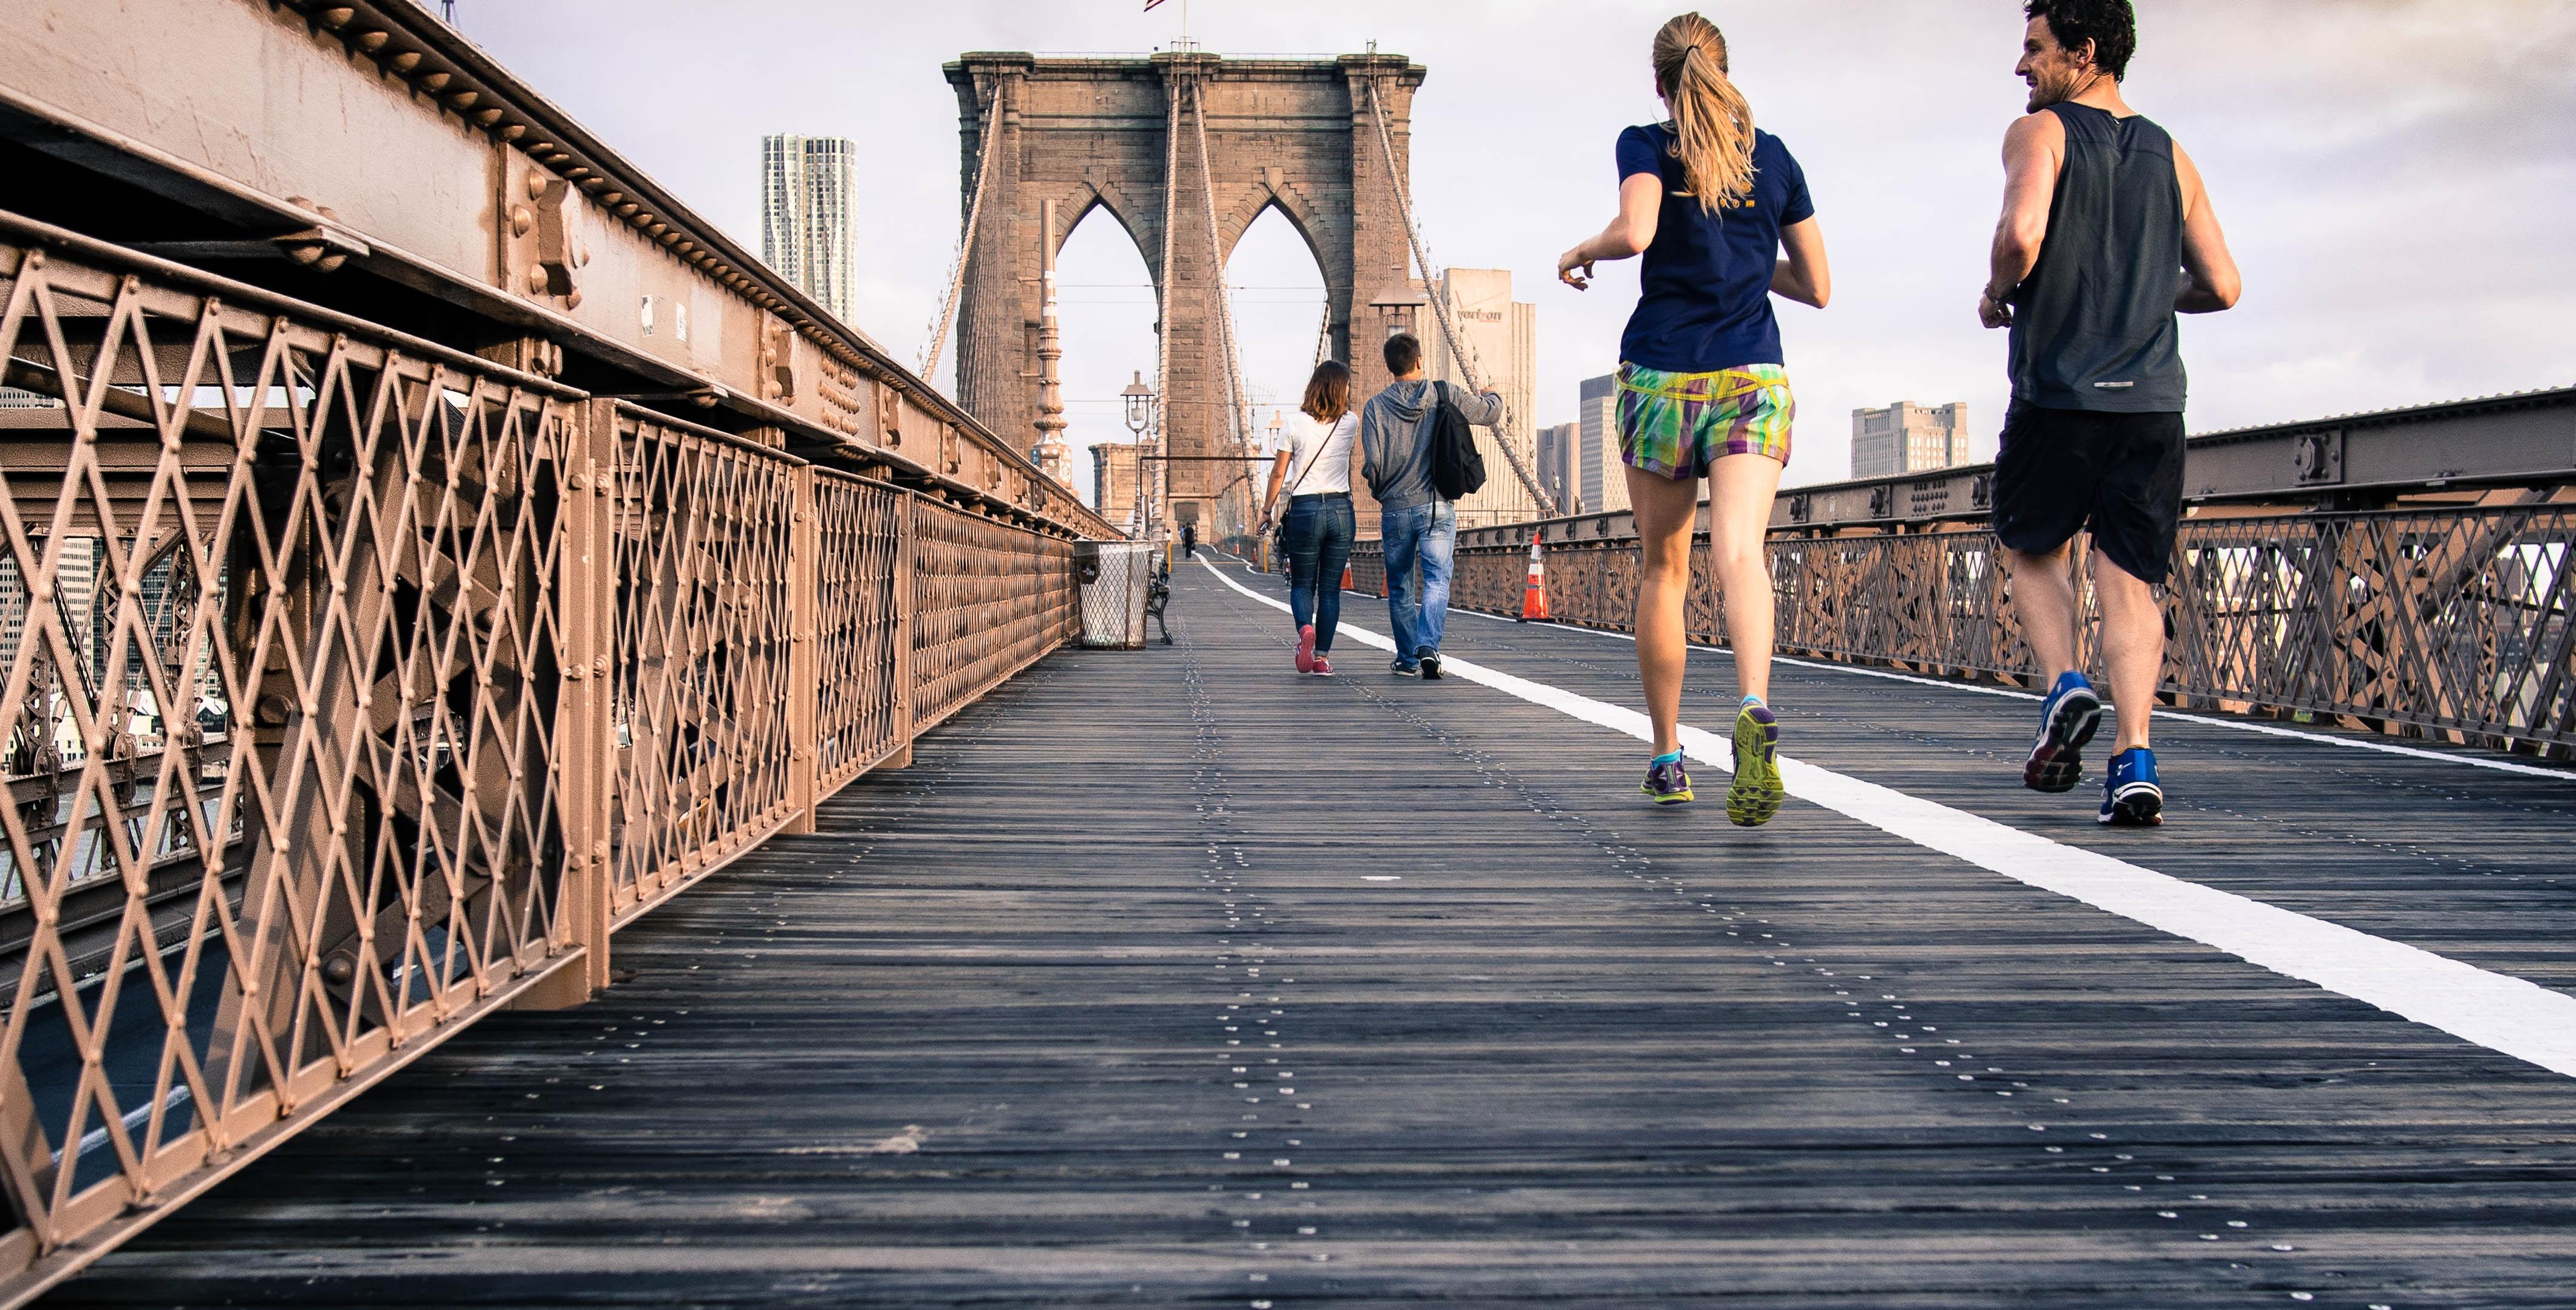 Courir pour maigrir : Conseils pour rester motivé : Partager avec son entourage